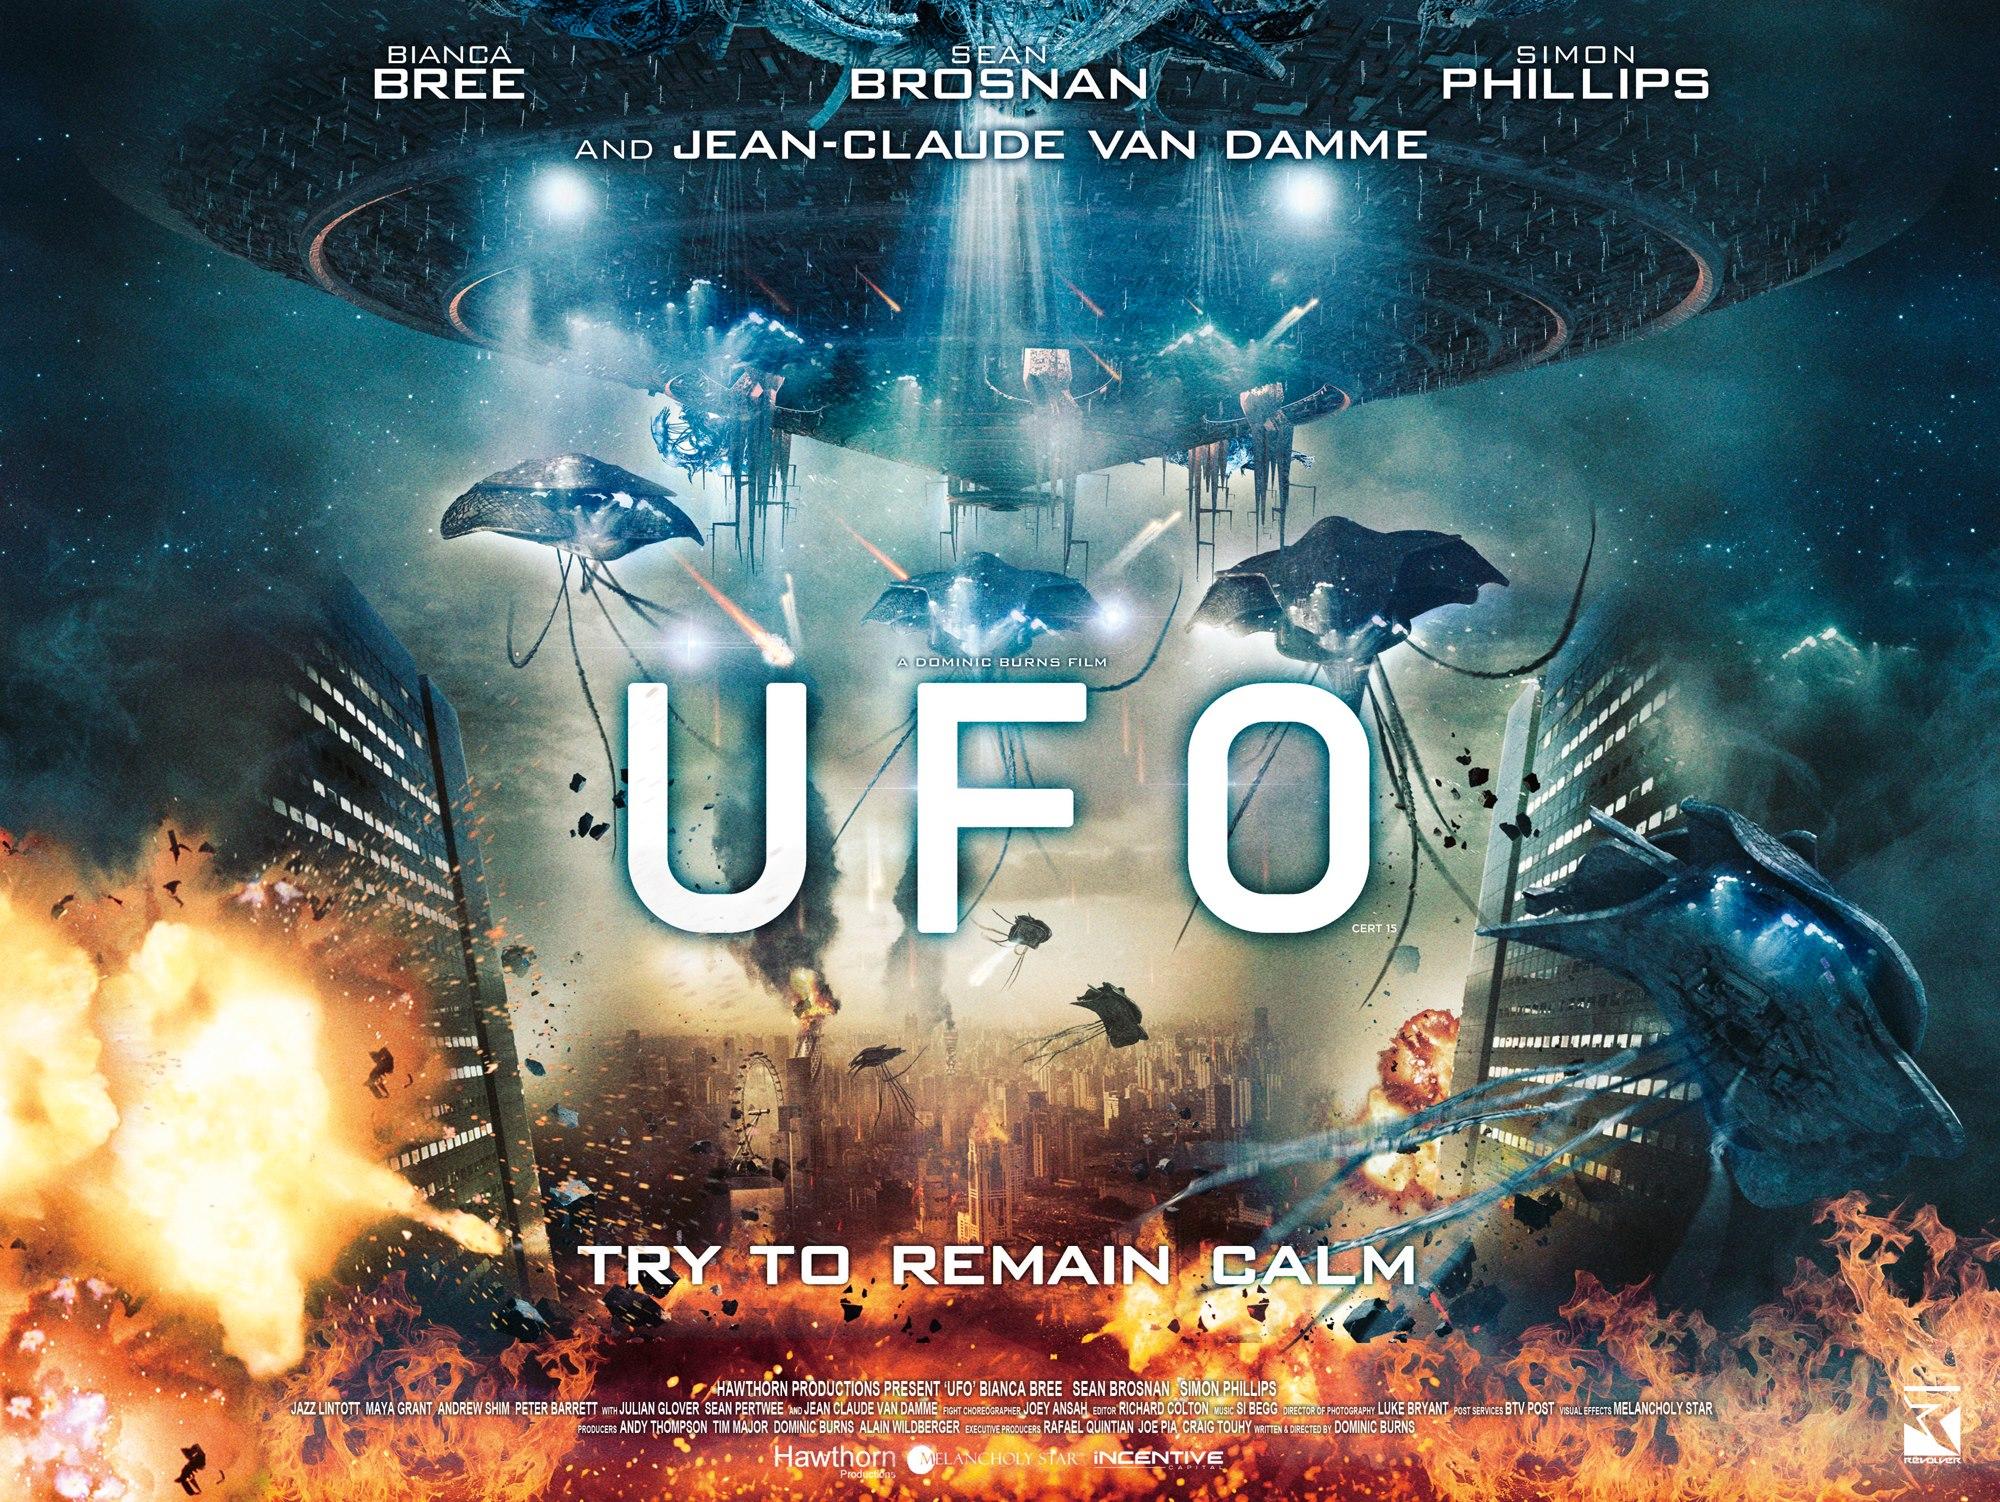 2013) | britpic Ufo 2013 Movie